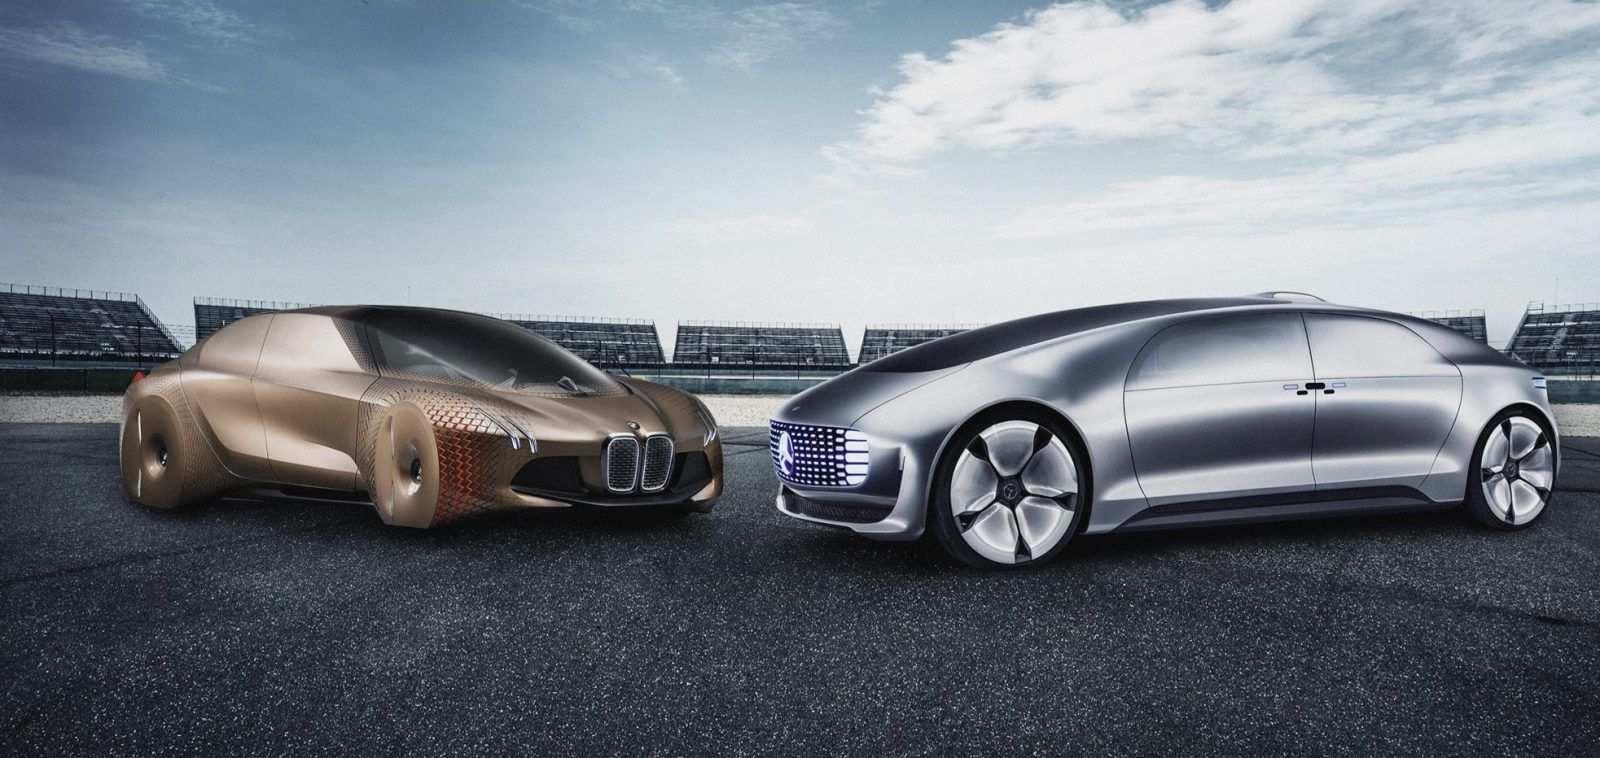 Bmw And Mercedes Benz Partner On Next Gen Autonomous Vehicles